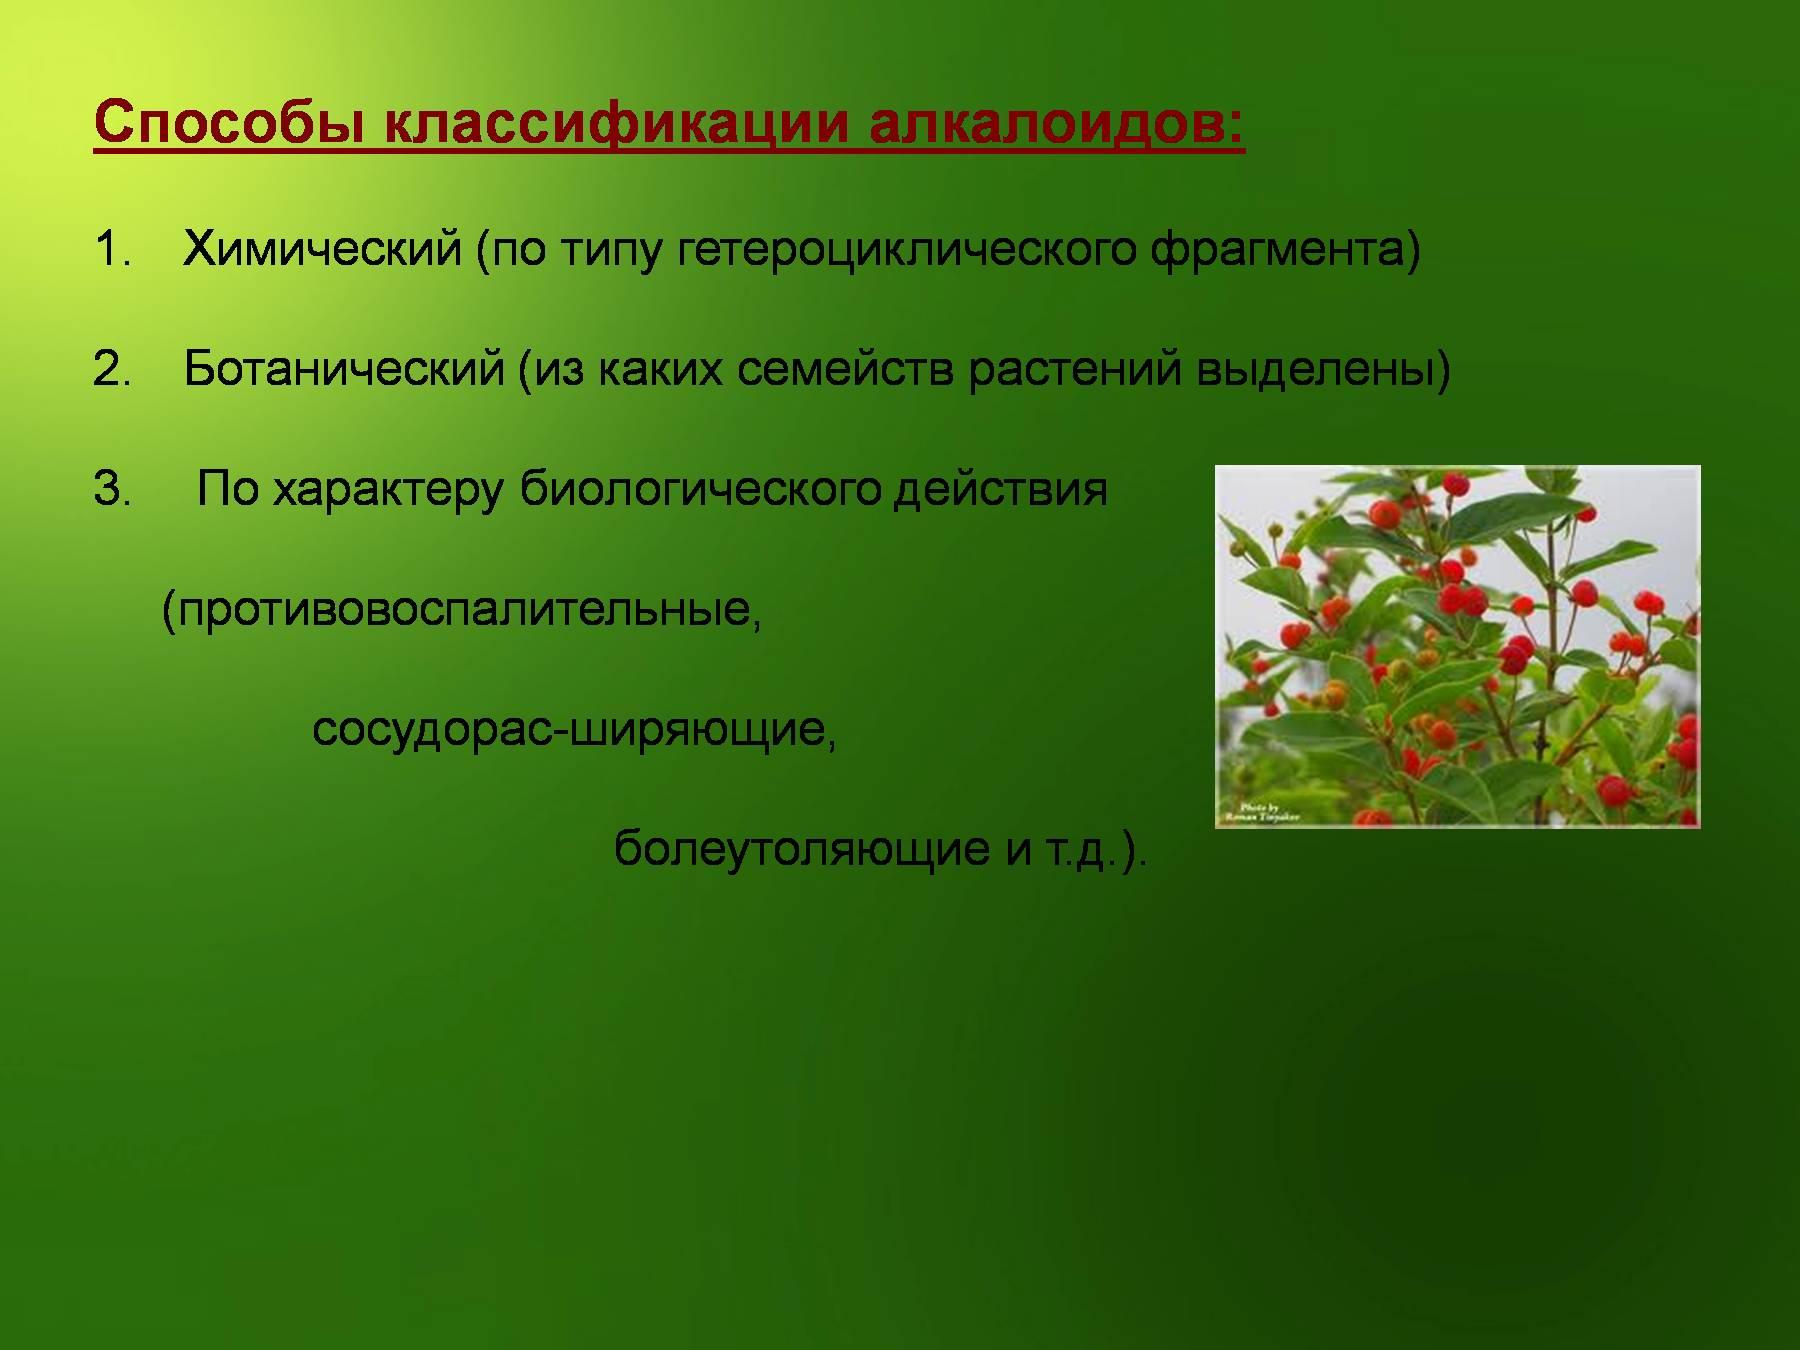 Алкалоид - это... классификация алкалоидов, характеристика